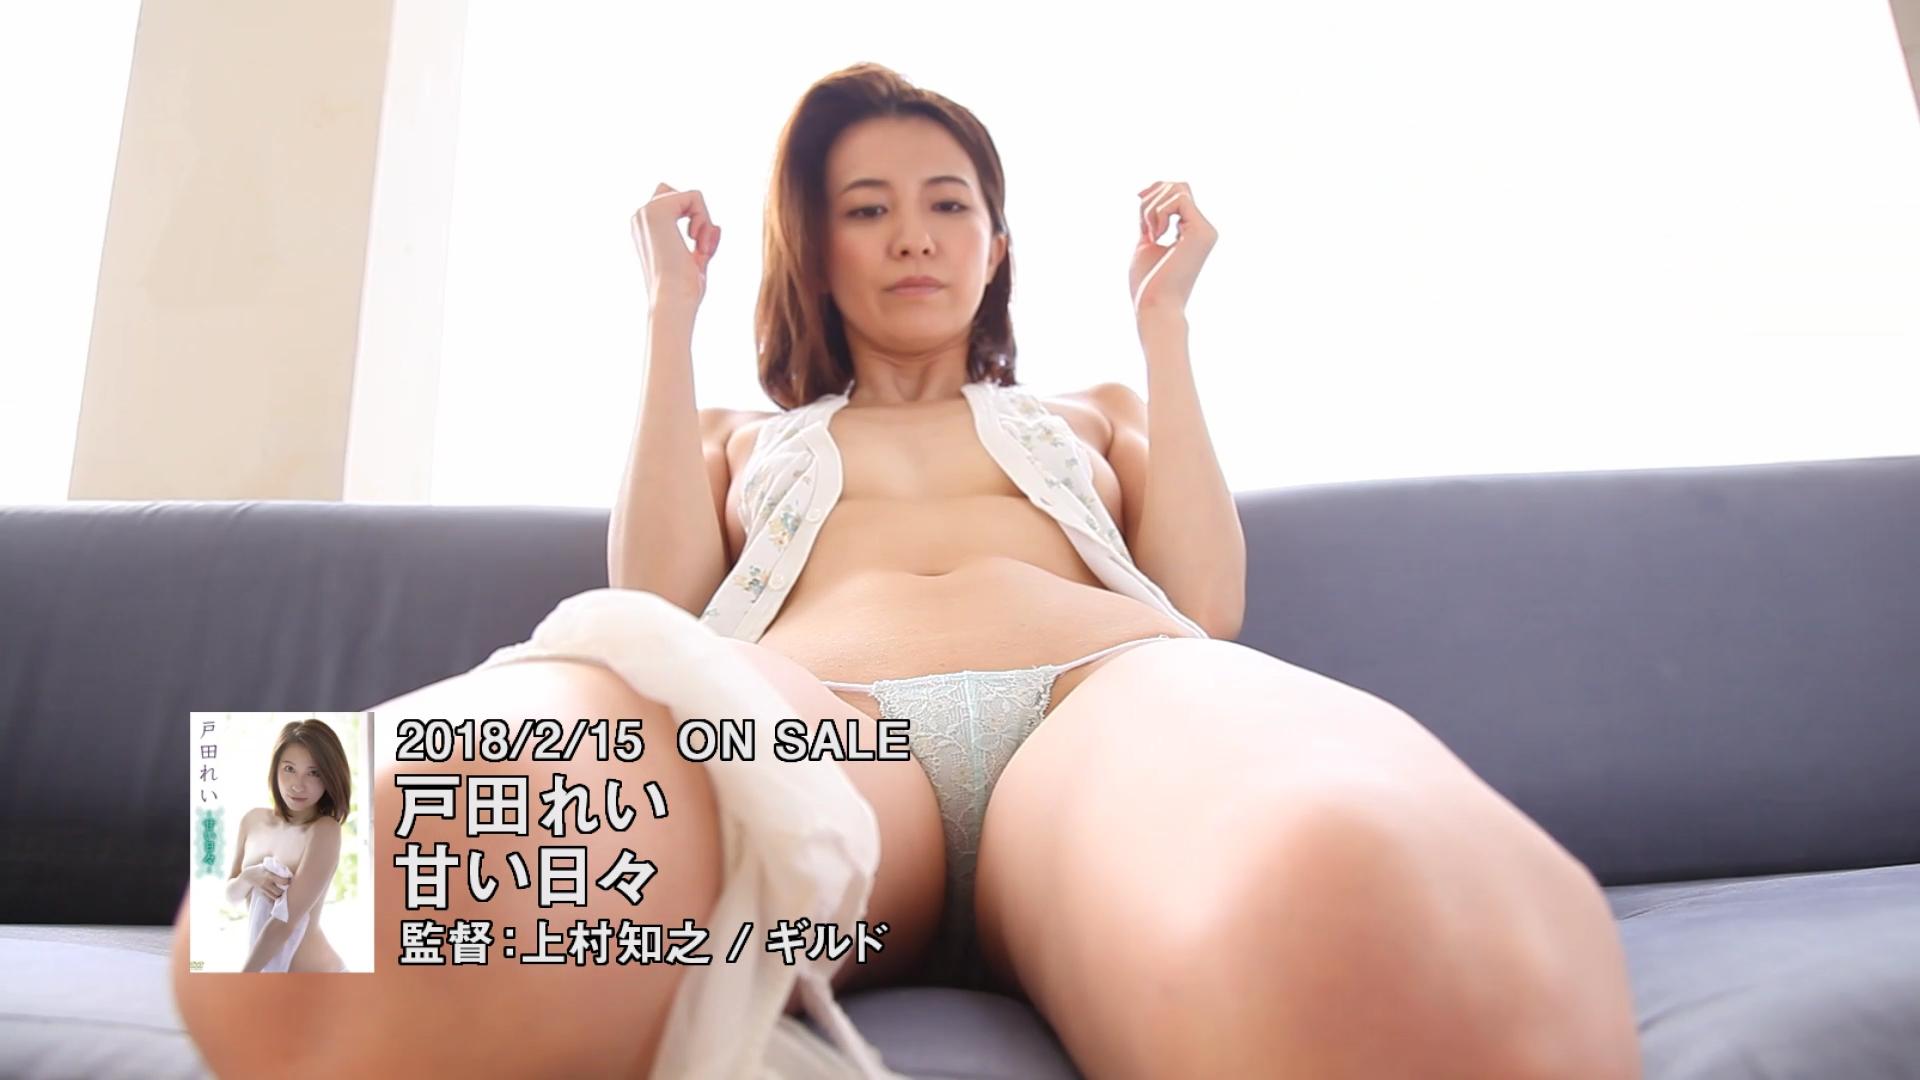 戸田れいのイメージDVDエロ画像036